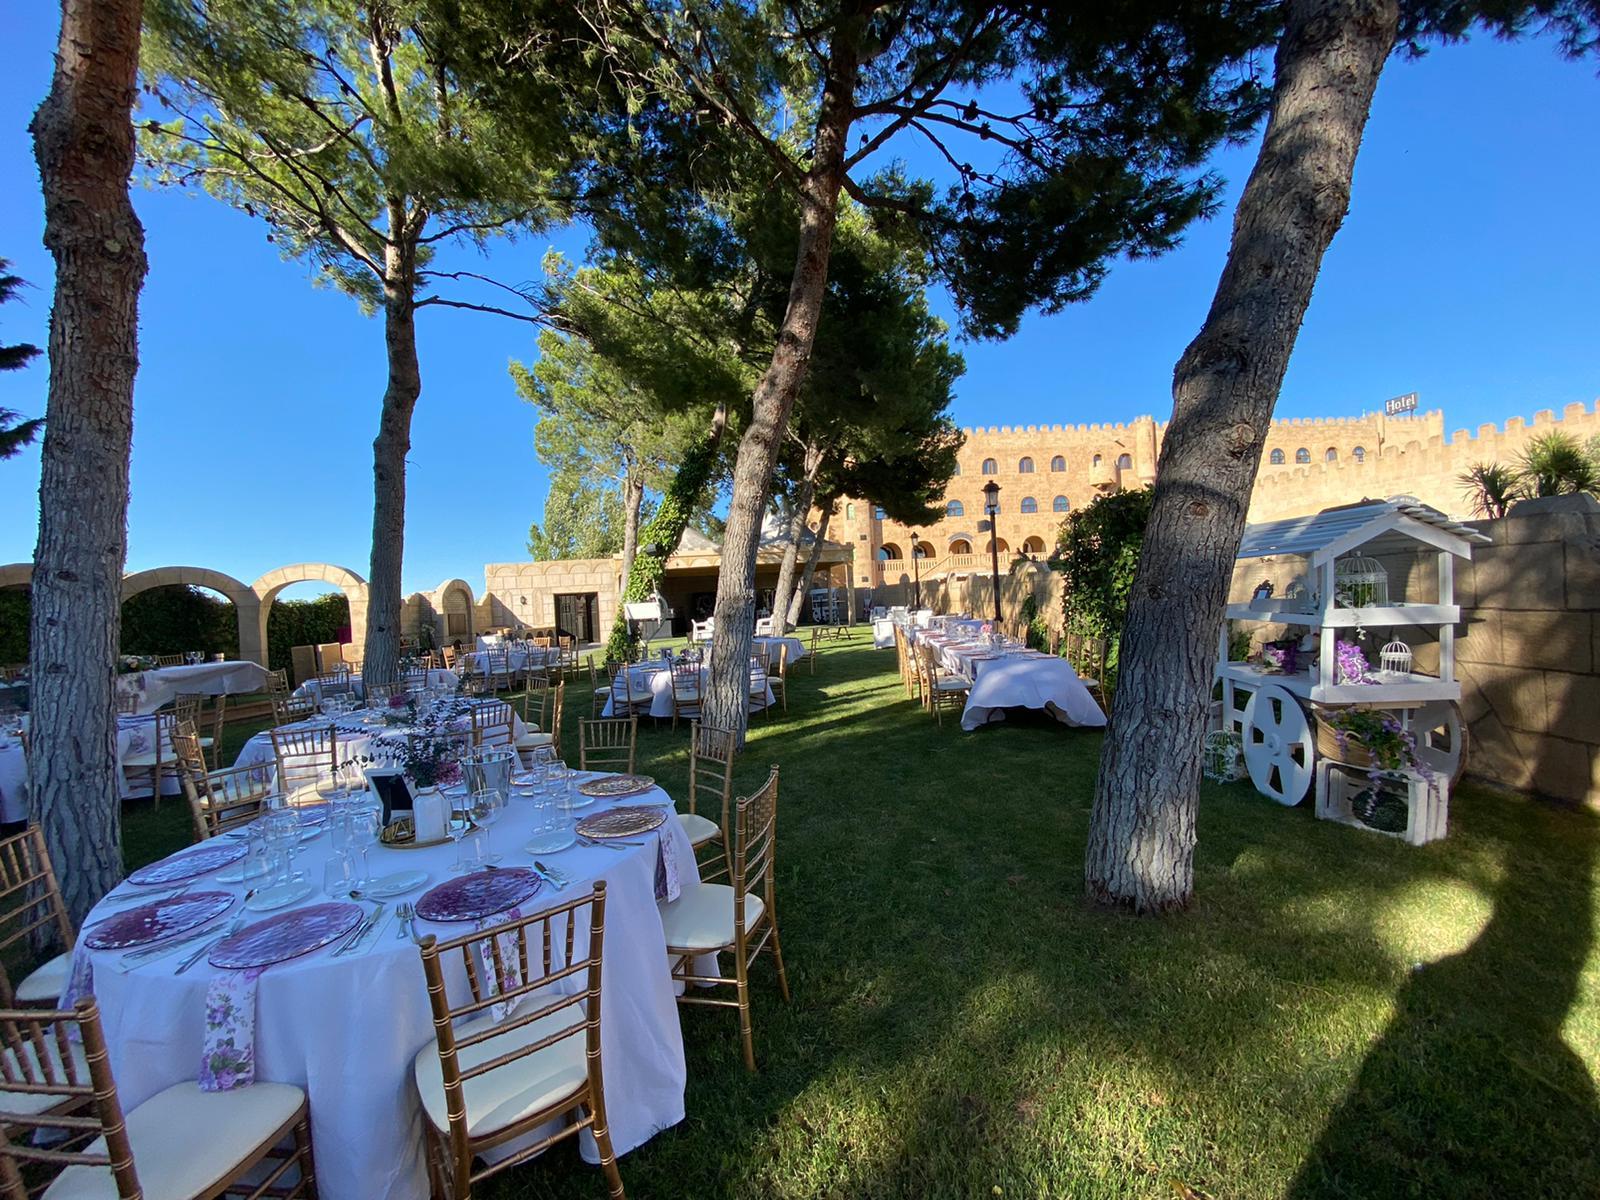 Boda y banquete al aire libre-5_Tu boda en Castillo Bonavía